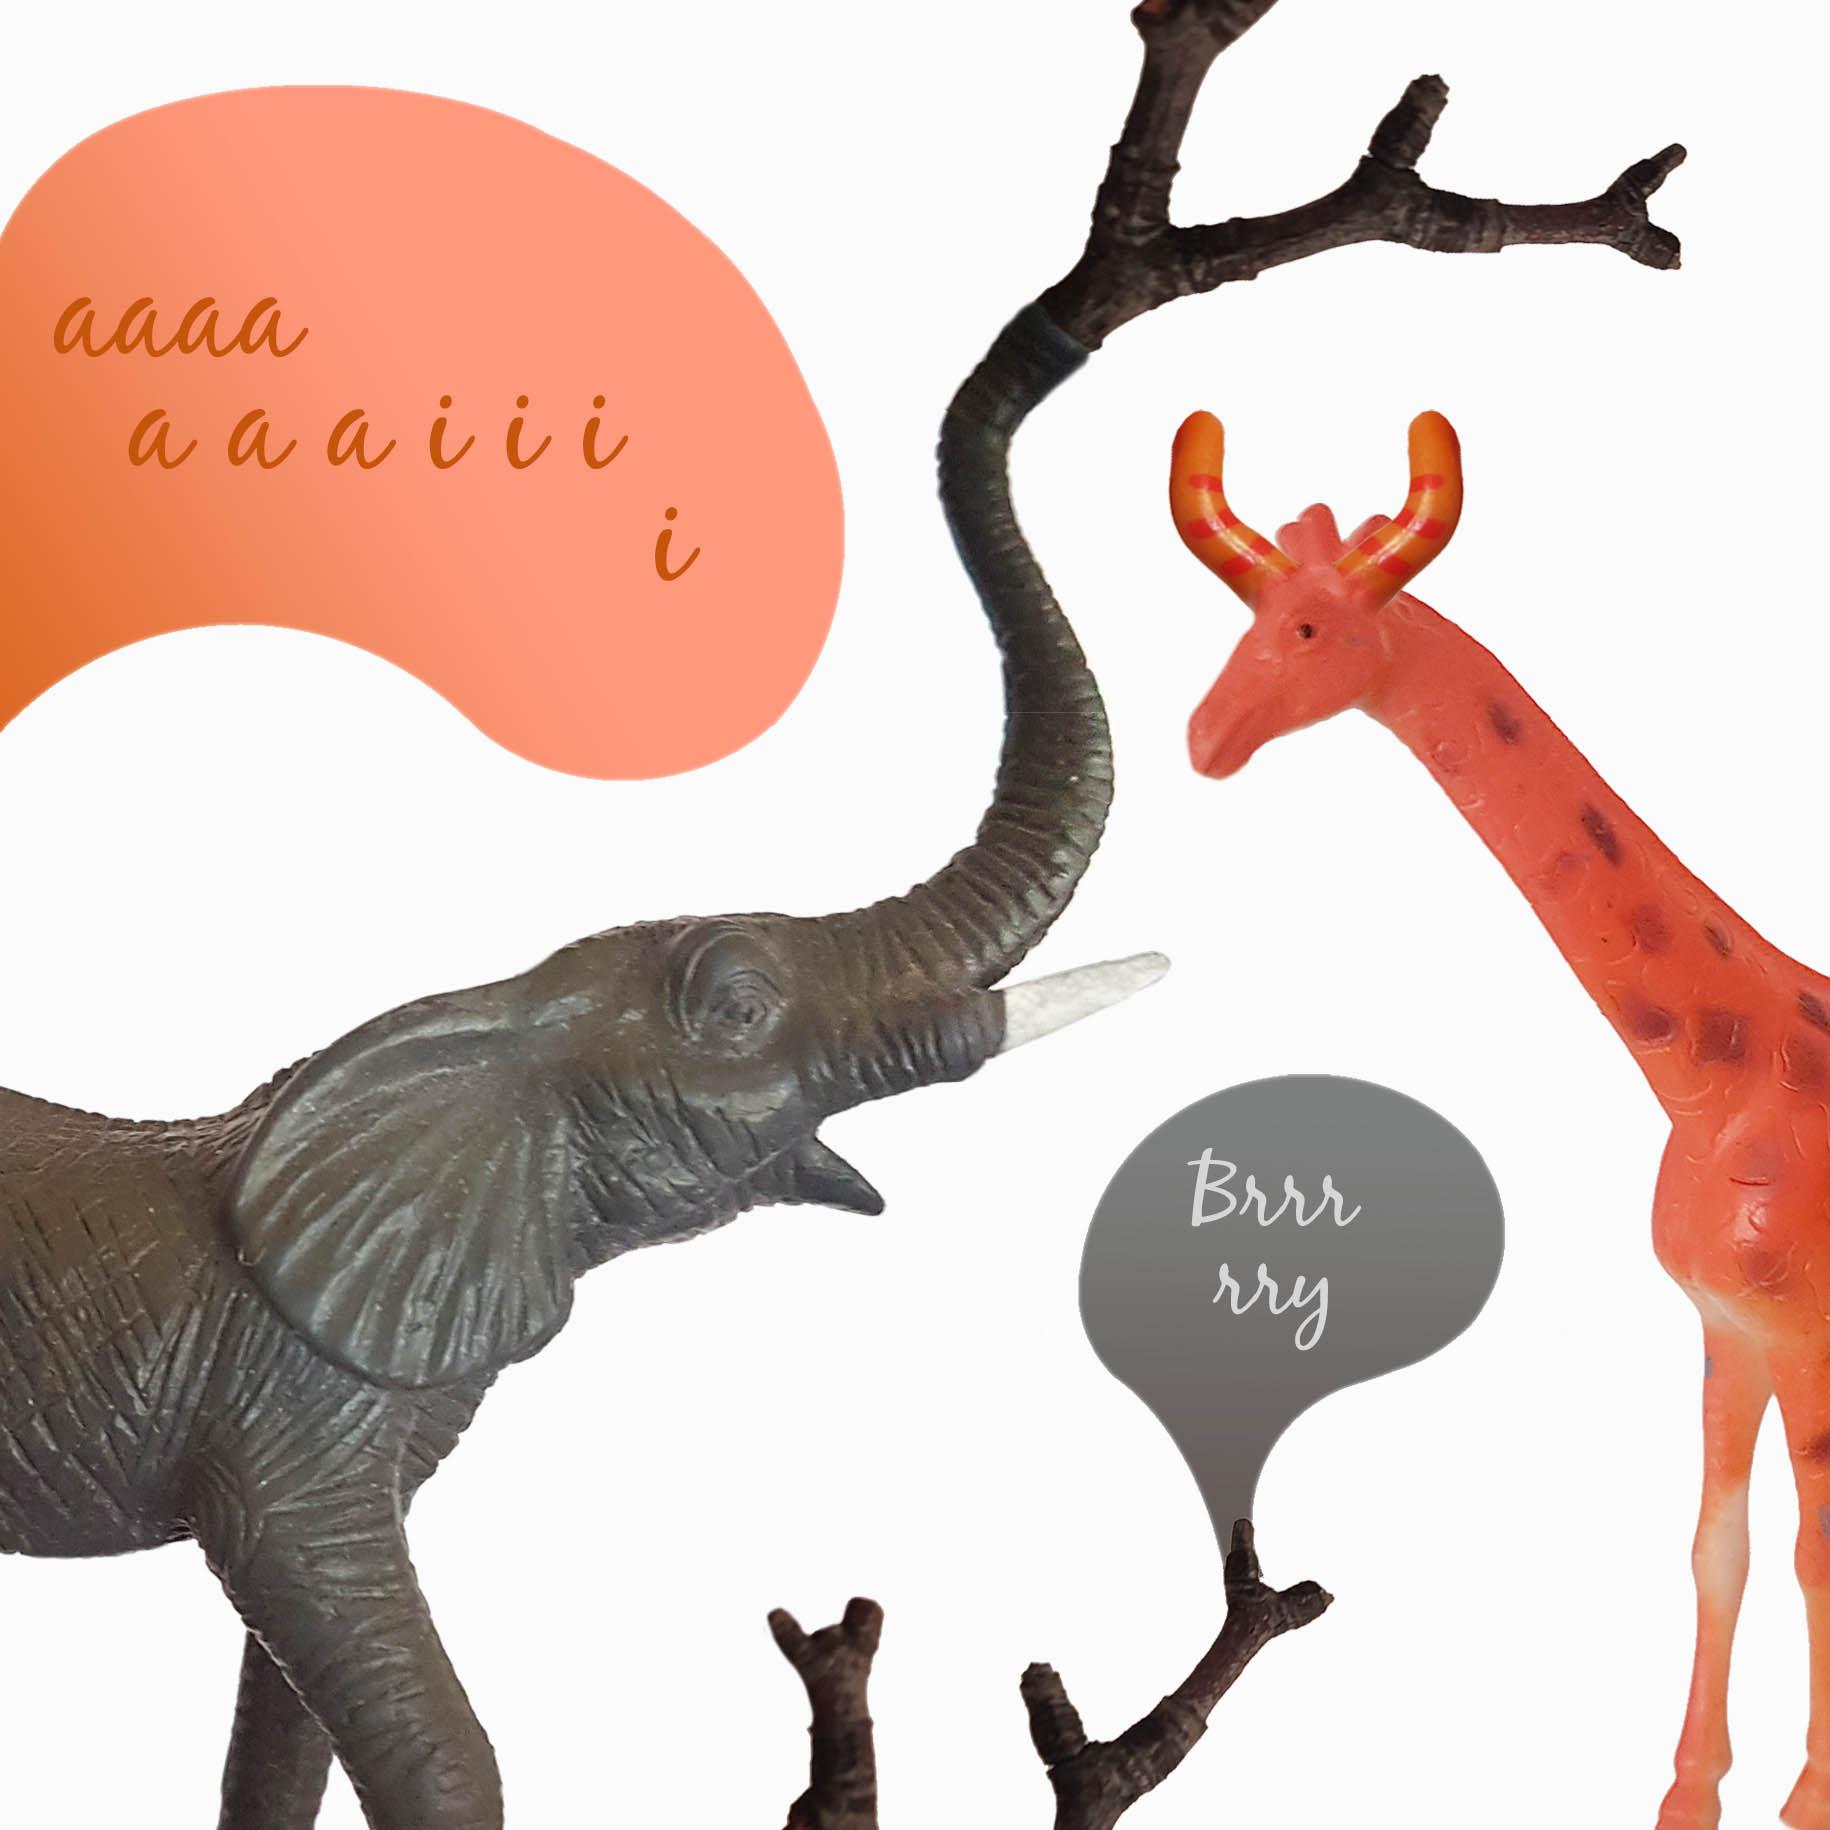 Kolaż. Na białym tle szara figurka słonia z trąbą uniesioną ku górze i zakończoną gałązką, pomarańczowa żyrafa, dwie komiksowe chmurki z literami aaa, iii, brrry